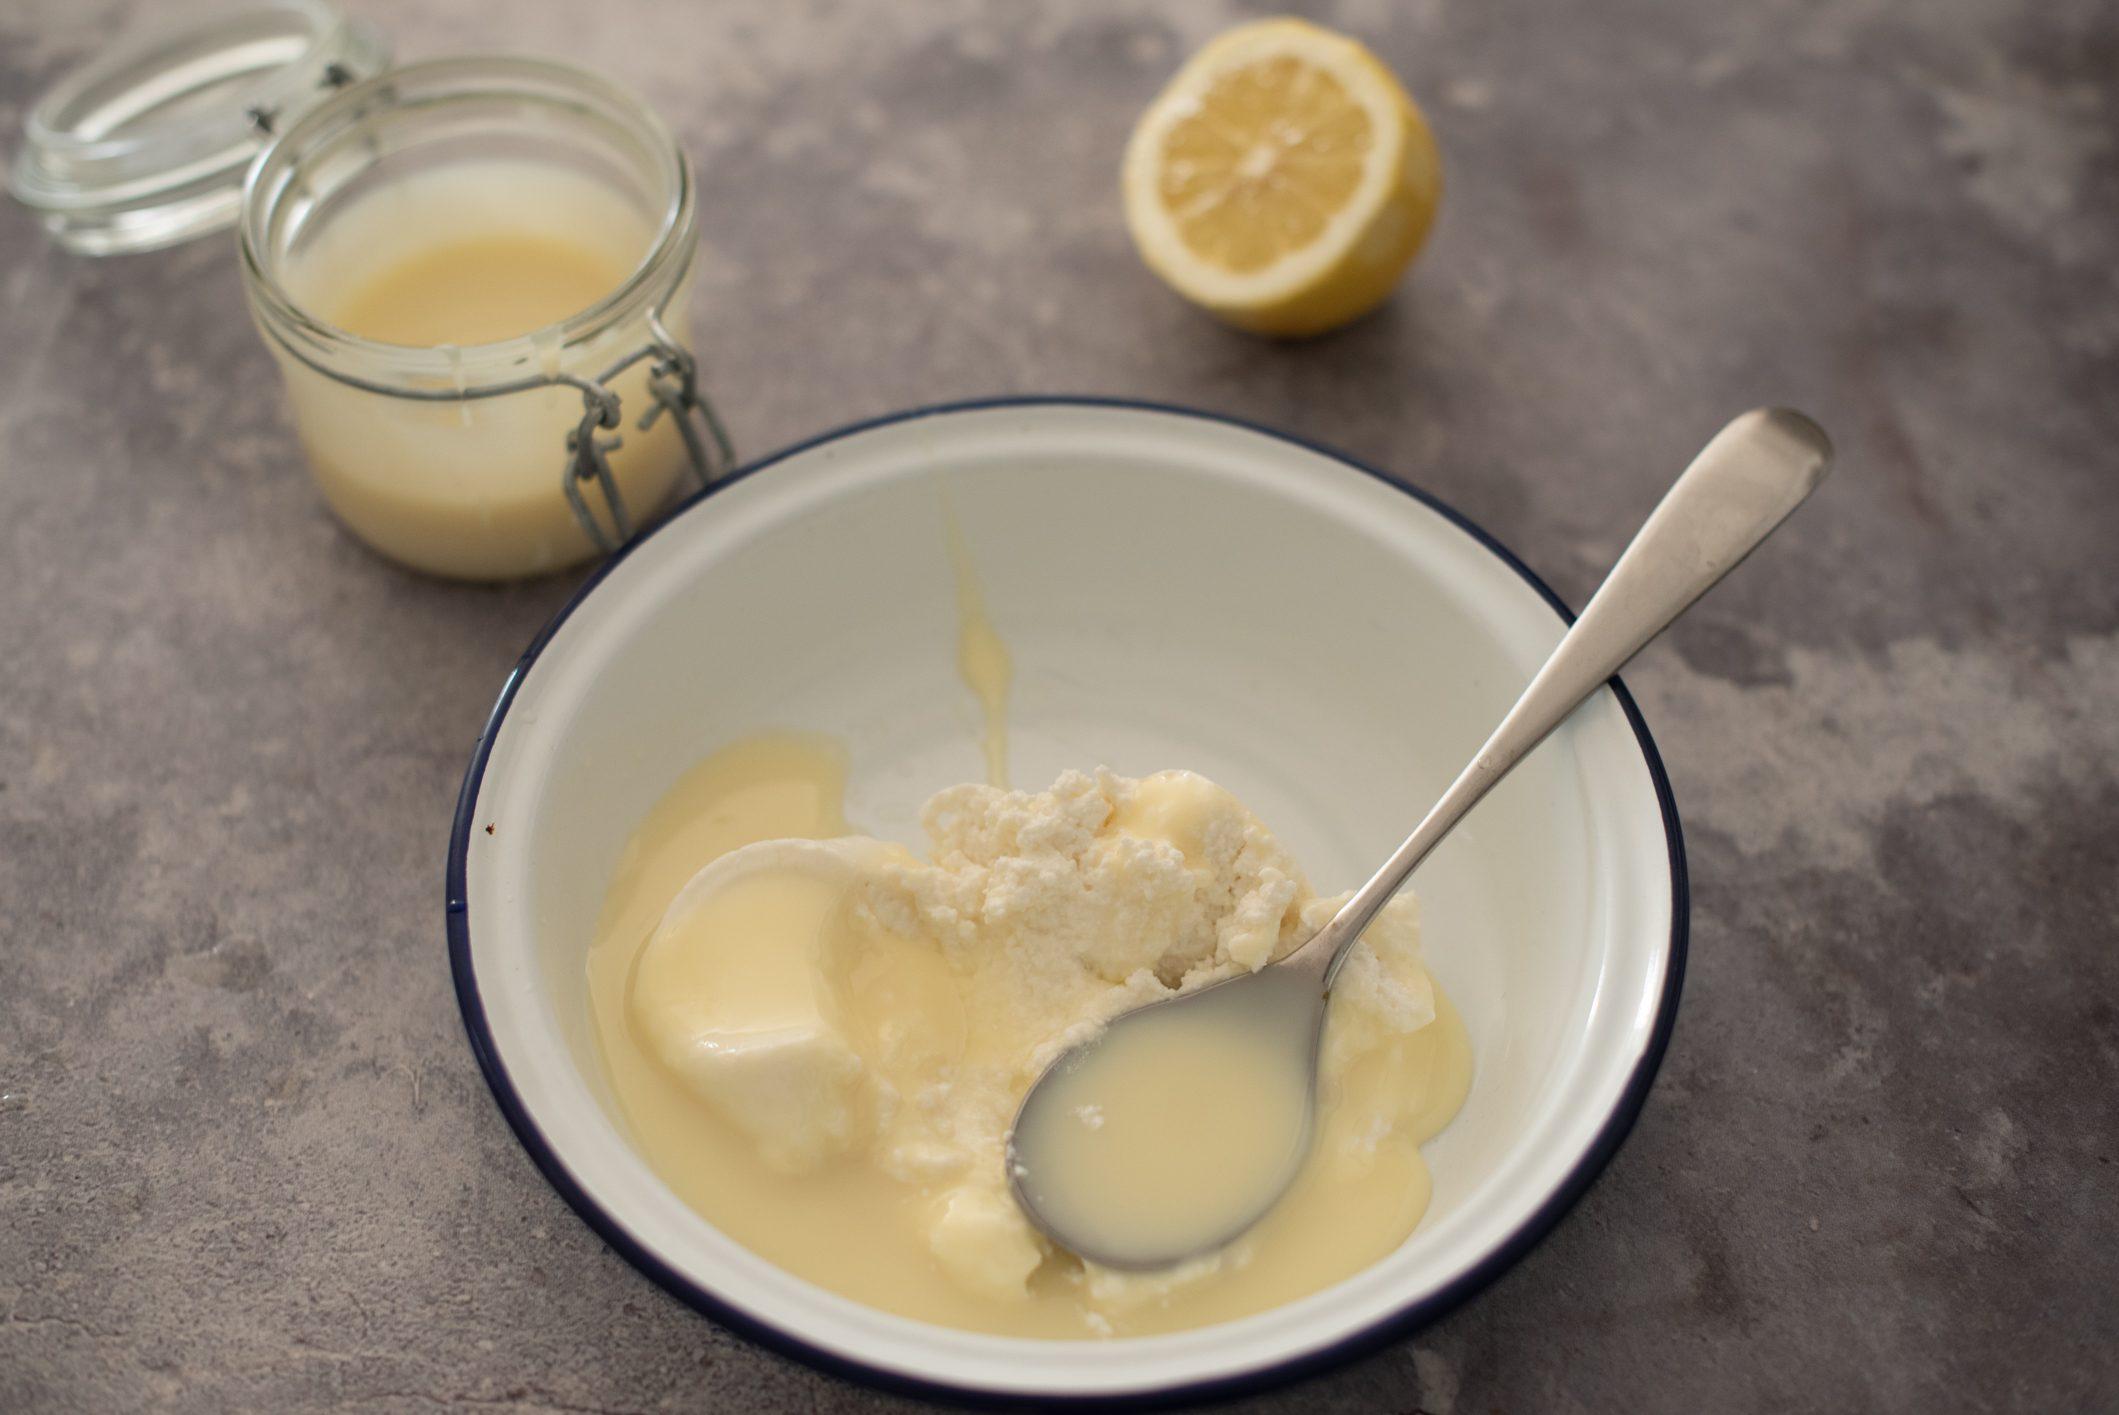 Crêpes ricotta e limone: la ricetta golosa e fresca alternativa alle crêpes classiche